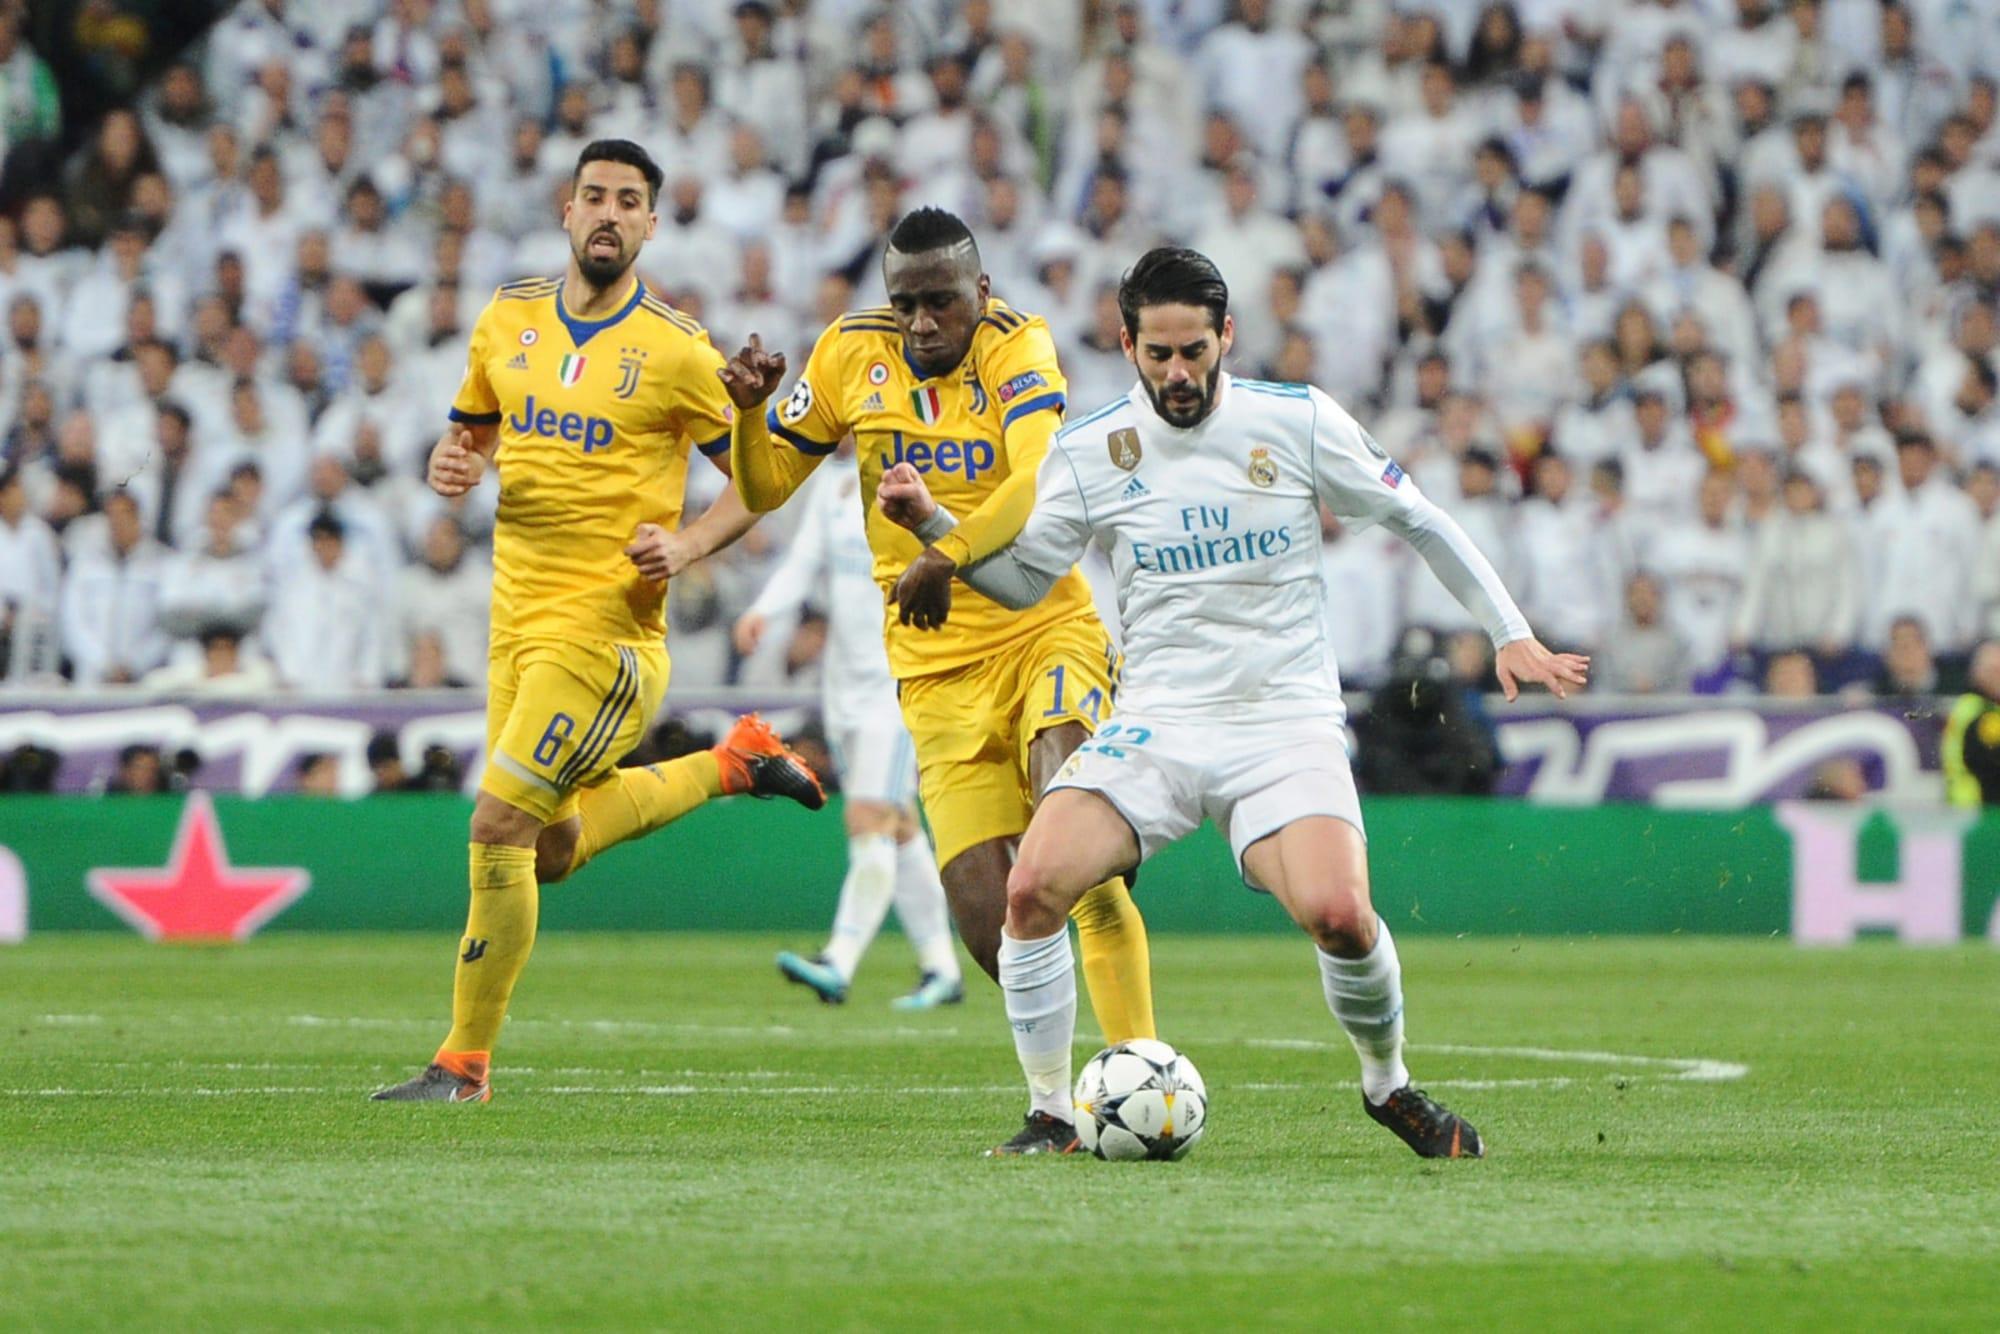 Real Juventus